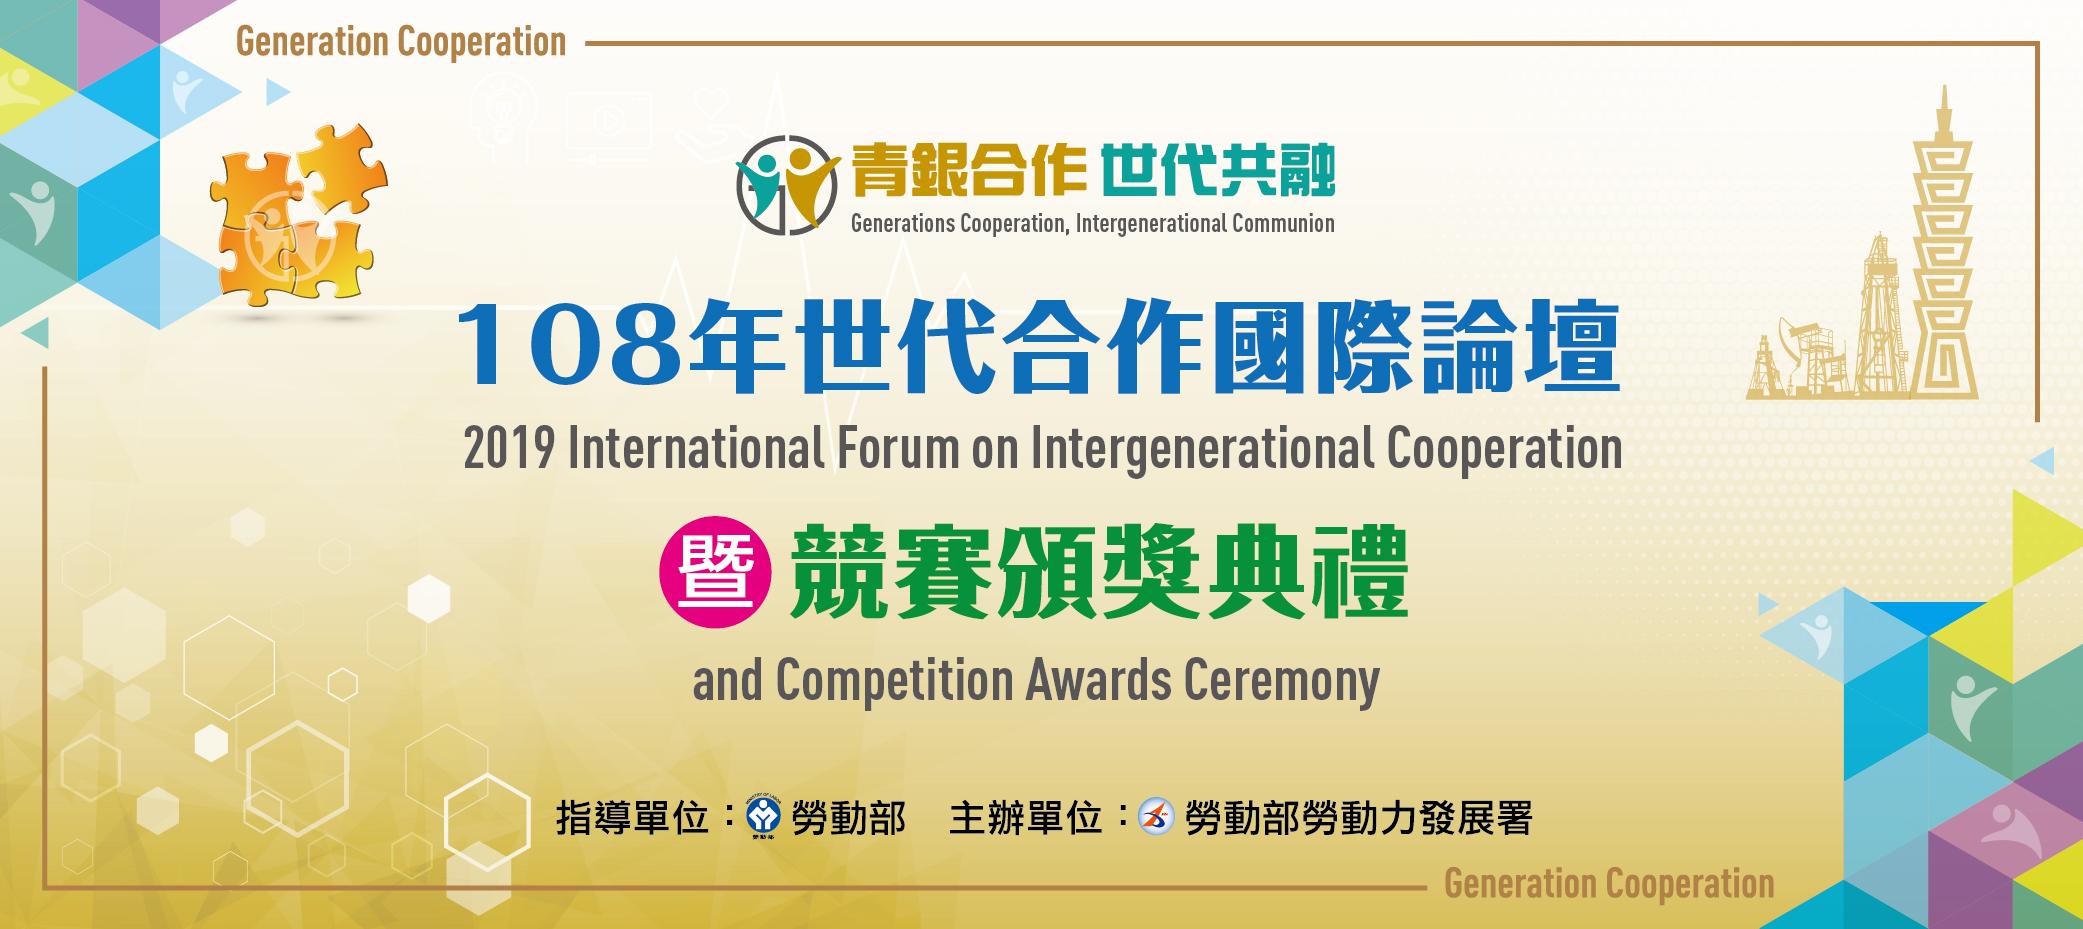 108年世代合作國際論壇暨頒獎典禮